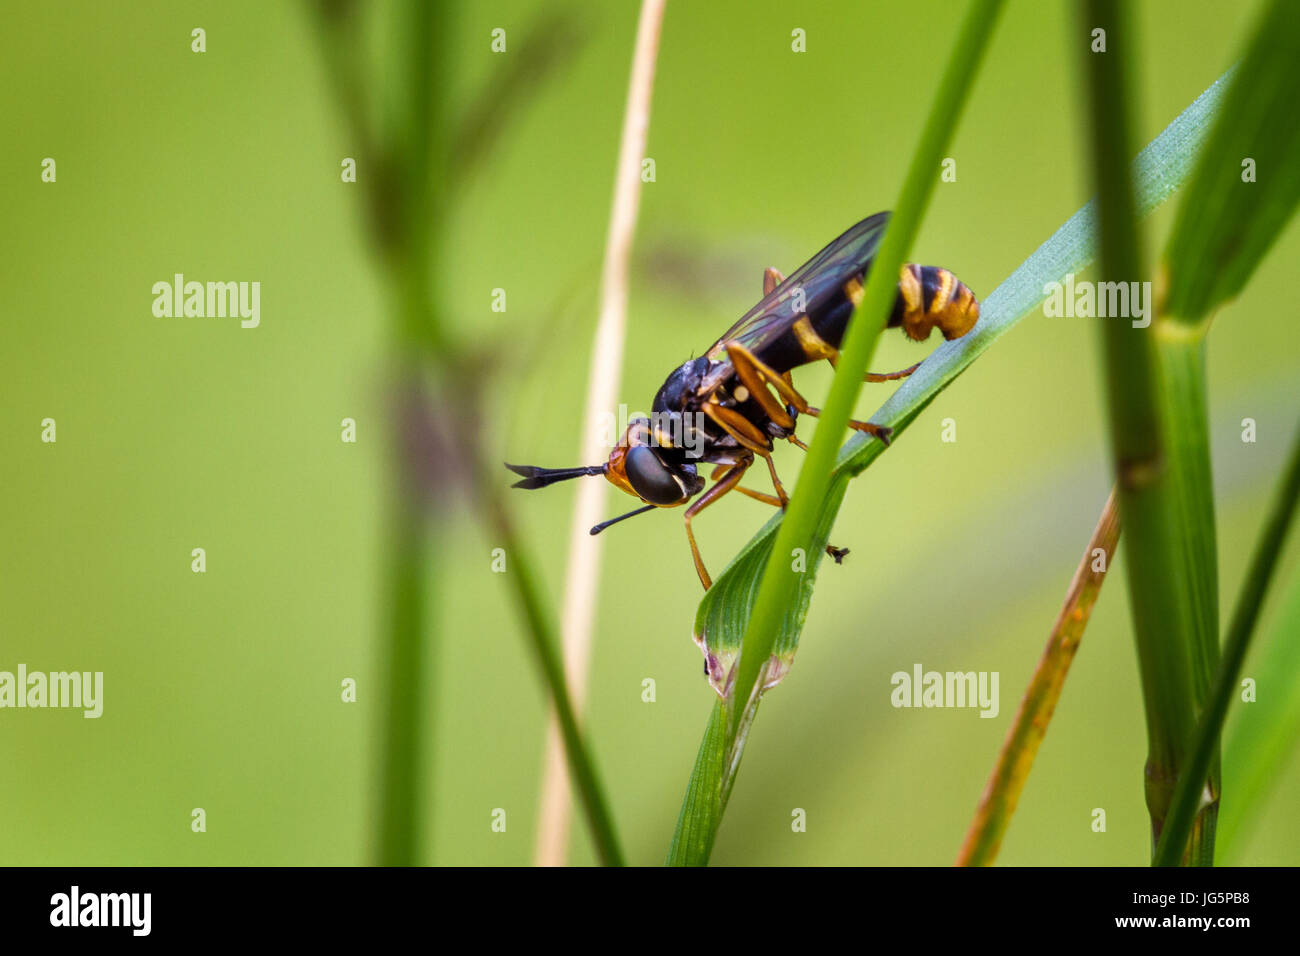 UK-Tierwelt: eine Wespe Mimik, Conops Quadrifasciatus ist eine Parasitoiden Fliege, deren Larven innere Parasiten Stockbild